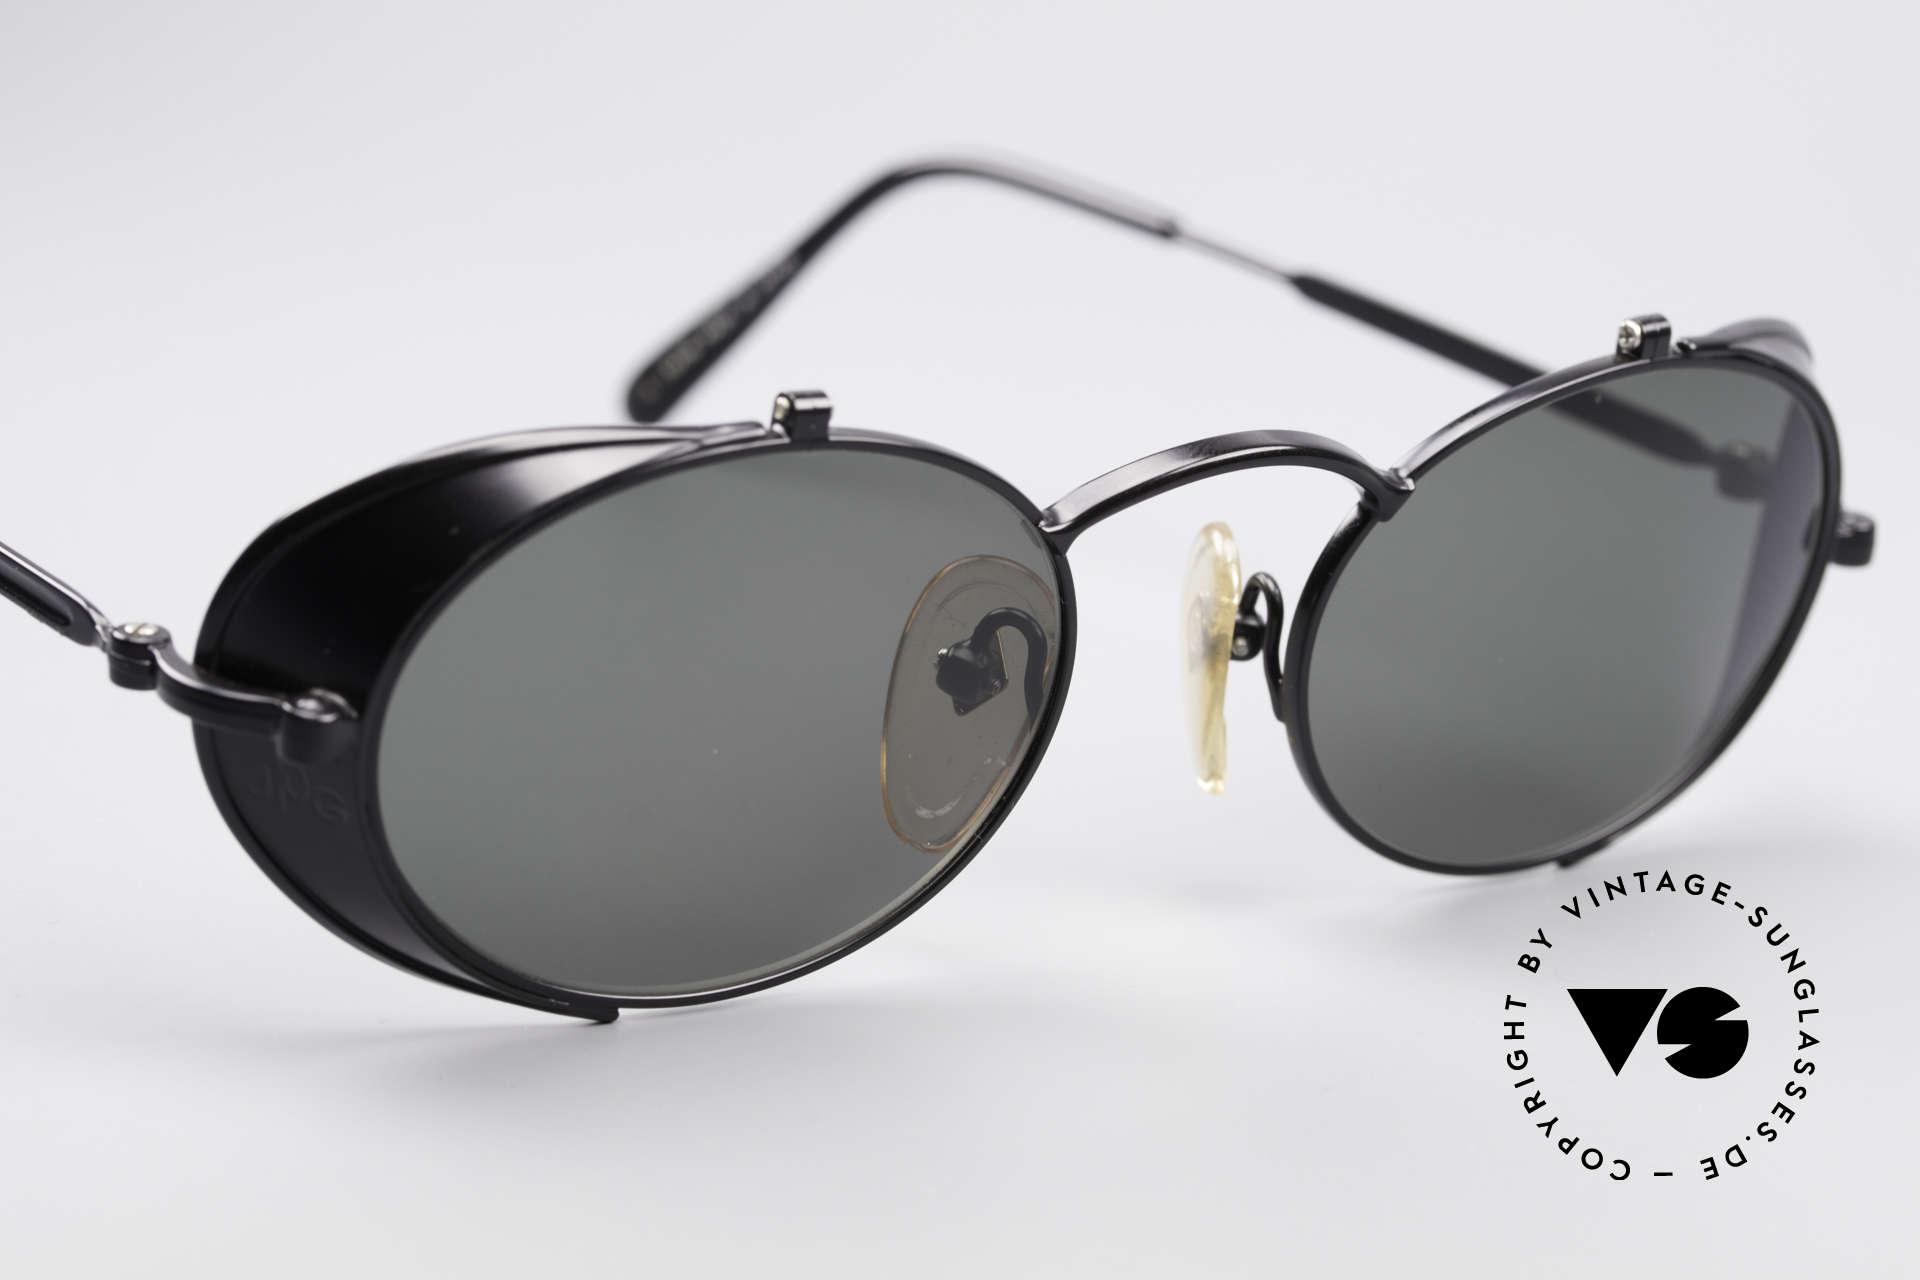 Jean Paul Gaultier 56-1175 Seitenscheiben Sonnenbrille, ungetragenes Einzelstück für Kunst- und Modeliebhaber, Passend für Herren und Damen